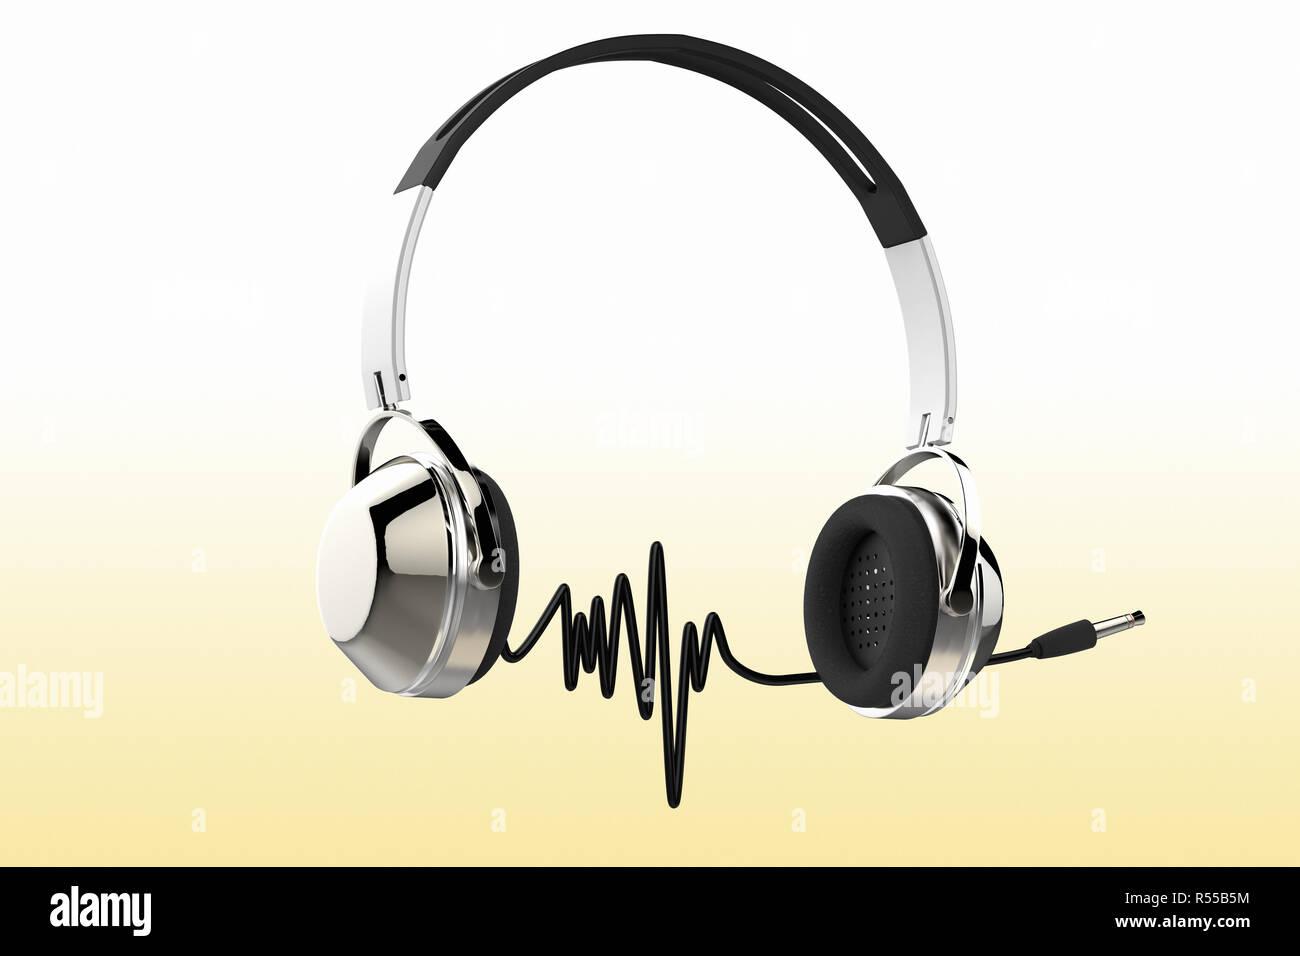 3D rendering di cuffie professionali con cavo audio la formazione di onde  sonore 1688a933a2de